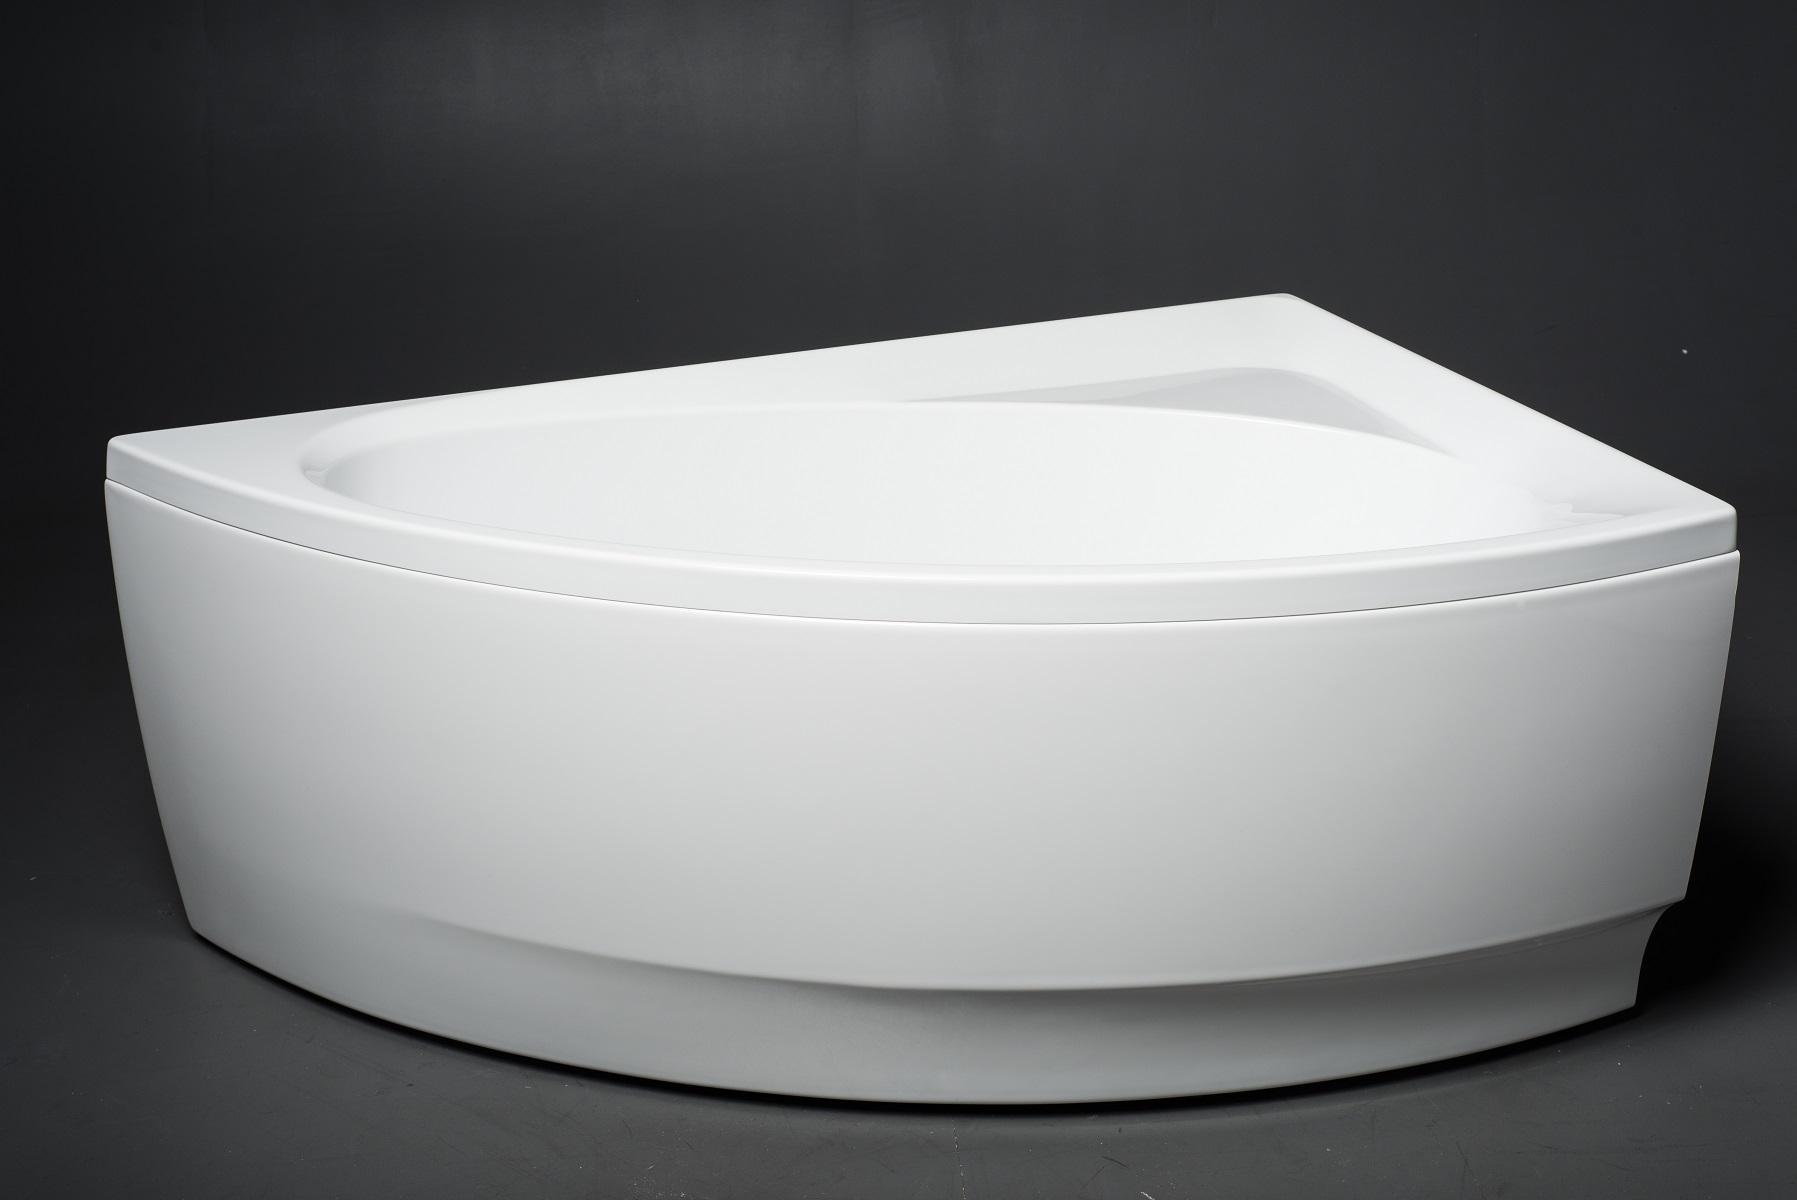 aquatica idea l wht corner acrylic bathtub. Black Bedroom Furniture Sets. Home Design Ideas